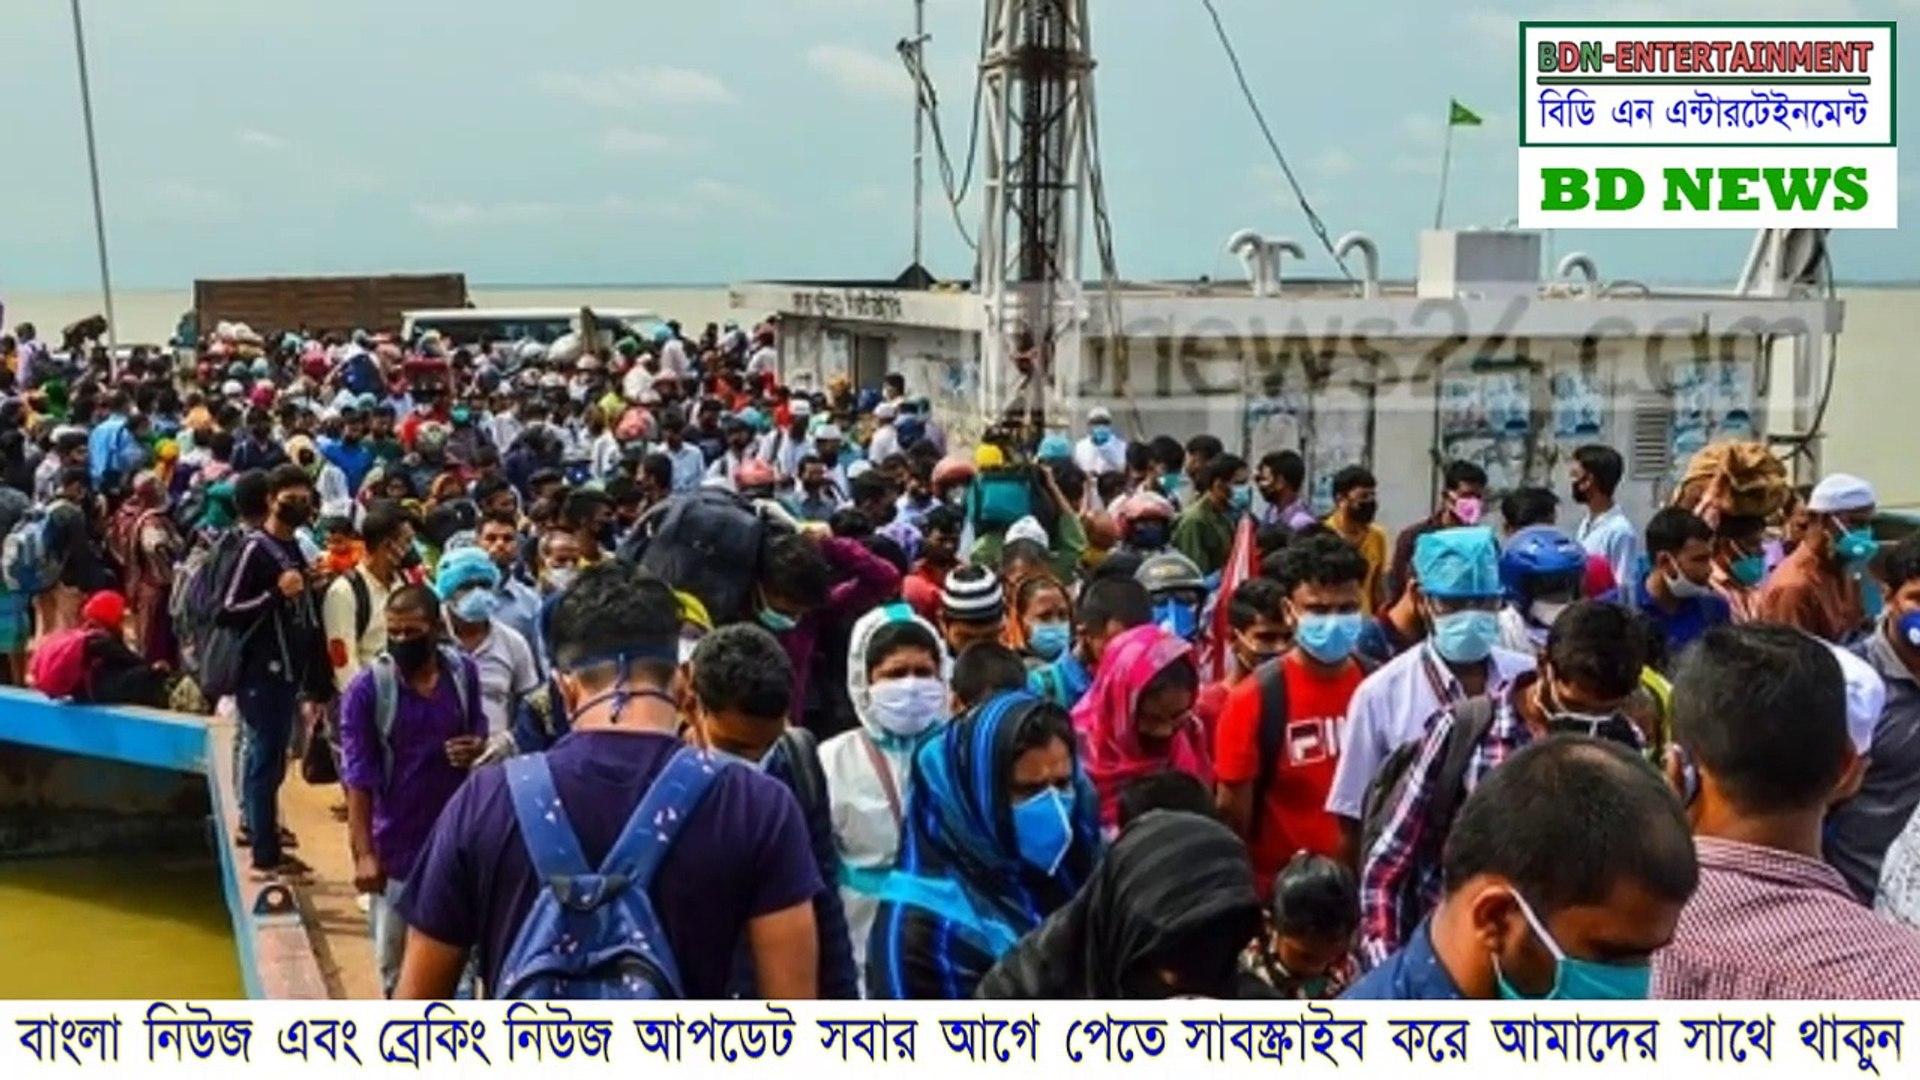 সকারের তিন এমপির অপকর্মের  ইতিহাস   Bangladesh news   bd news   Bangladesh politics   Viral News